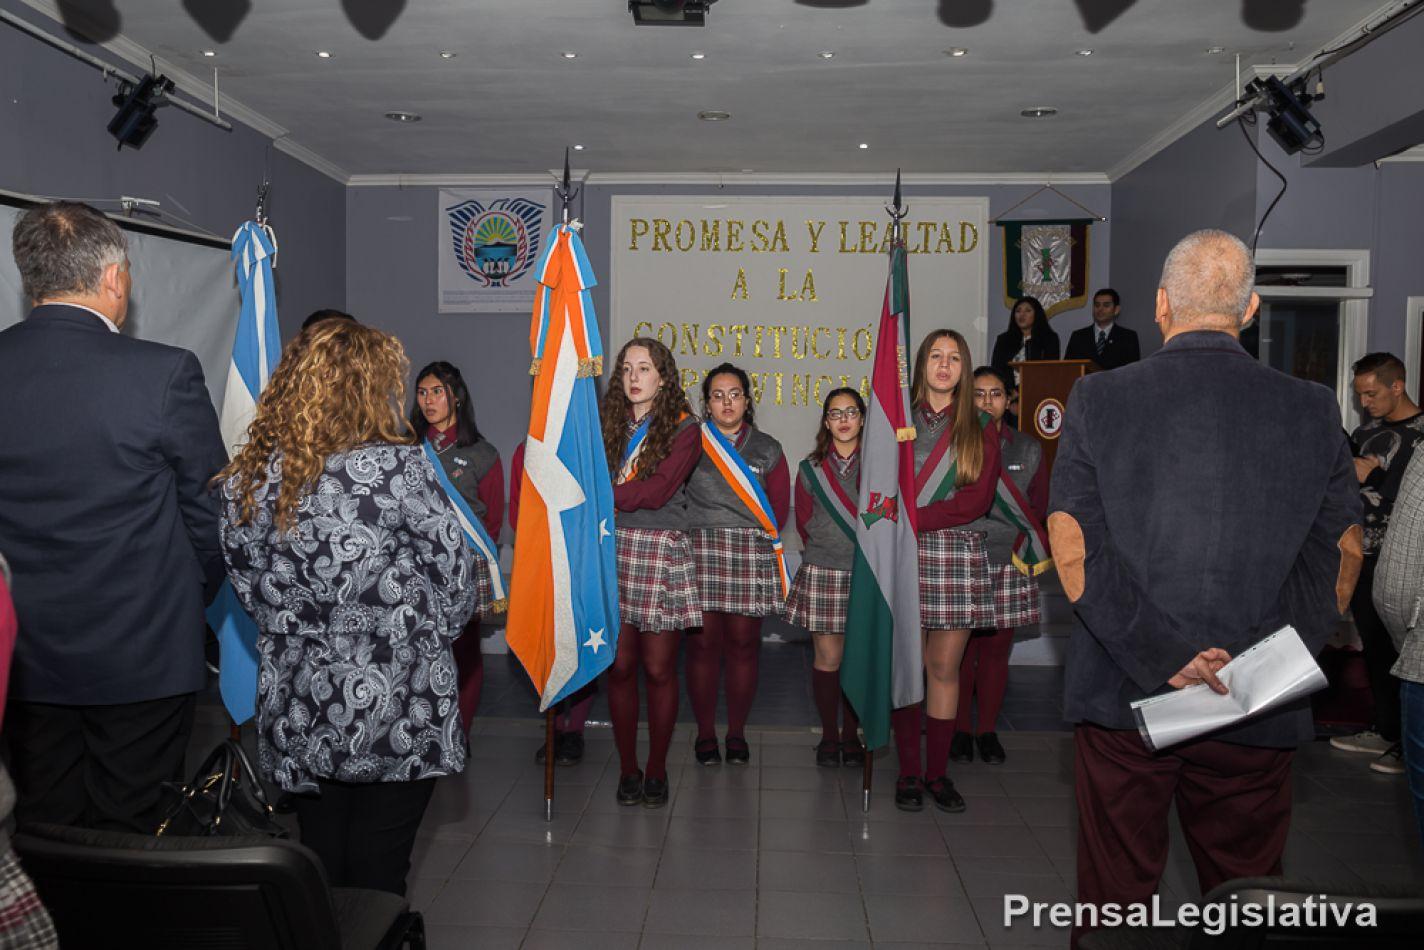 Alumnos de todos los establecimientos juraron lealtad a la Constitución provincial